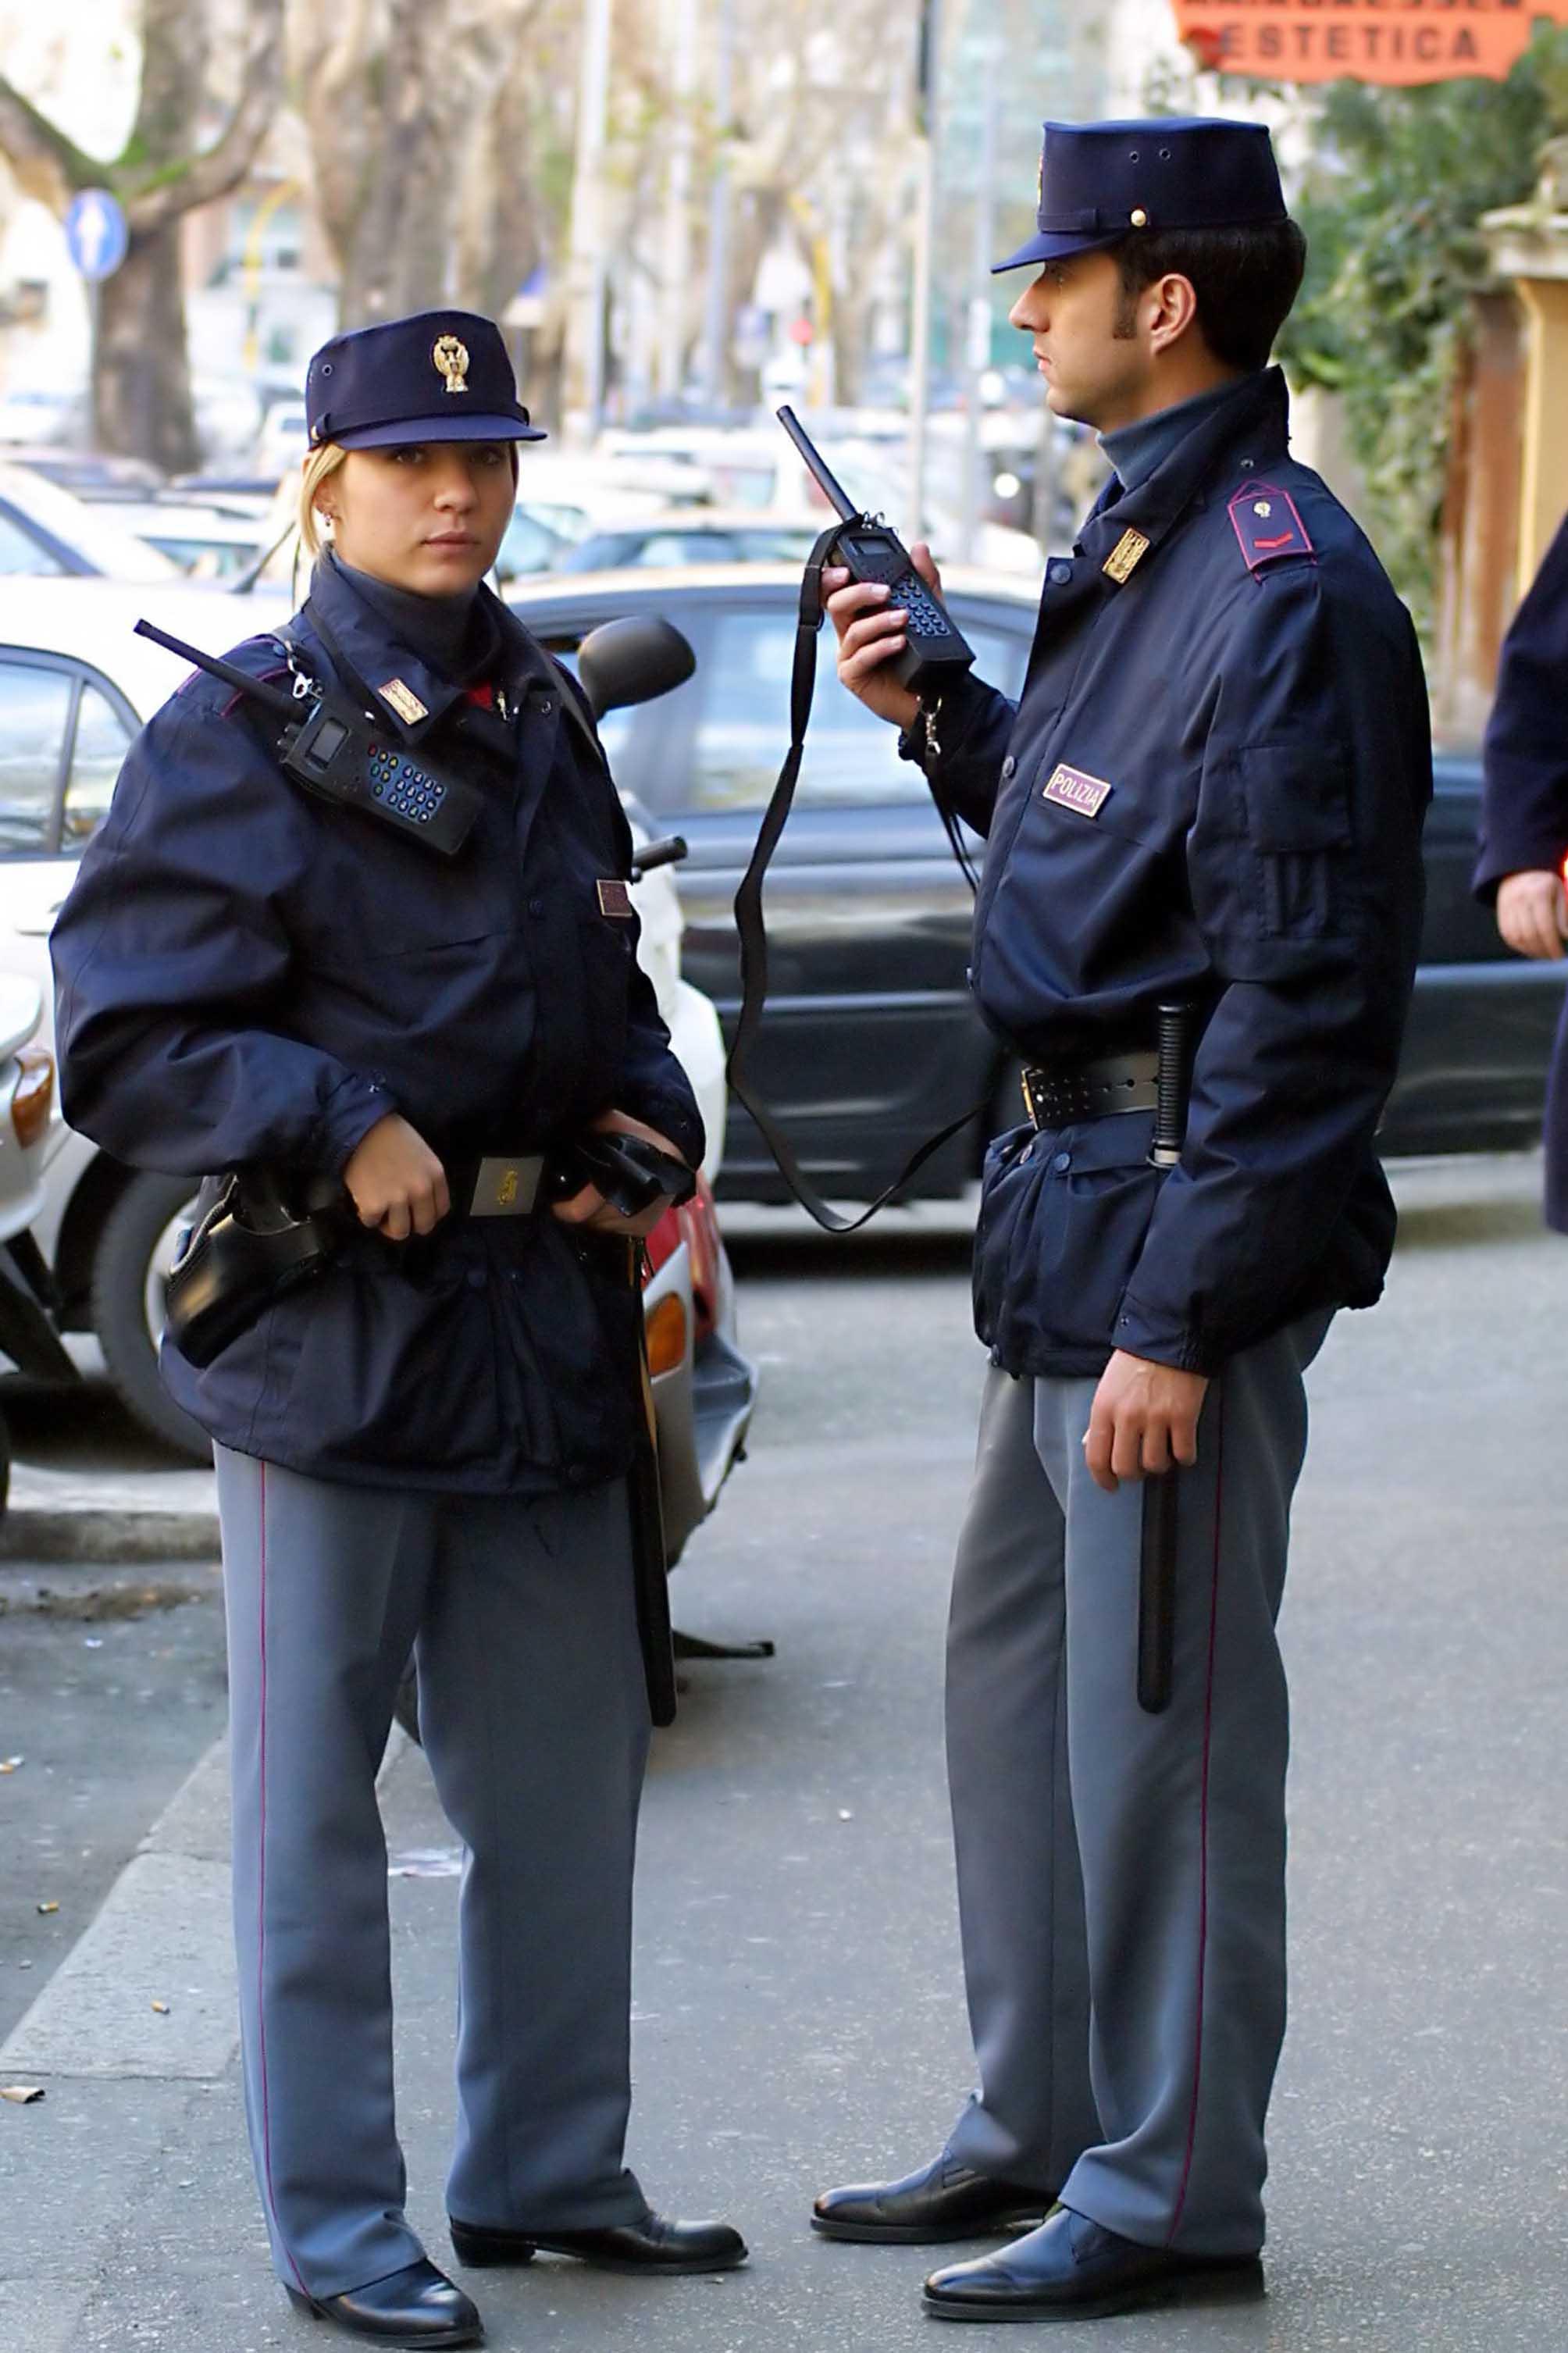 Polizia di stato questure sul web roma for Polizia soggiorno